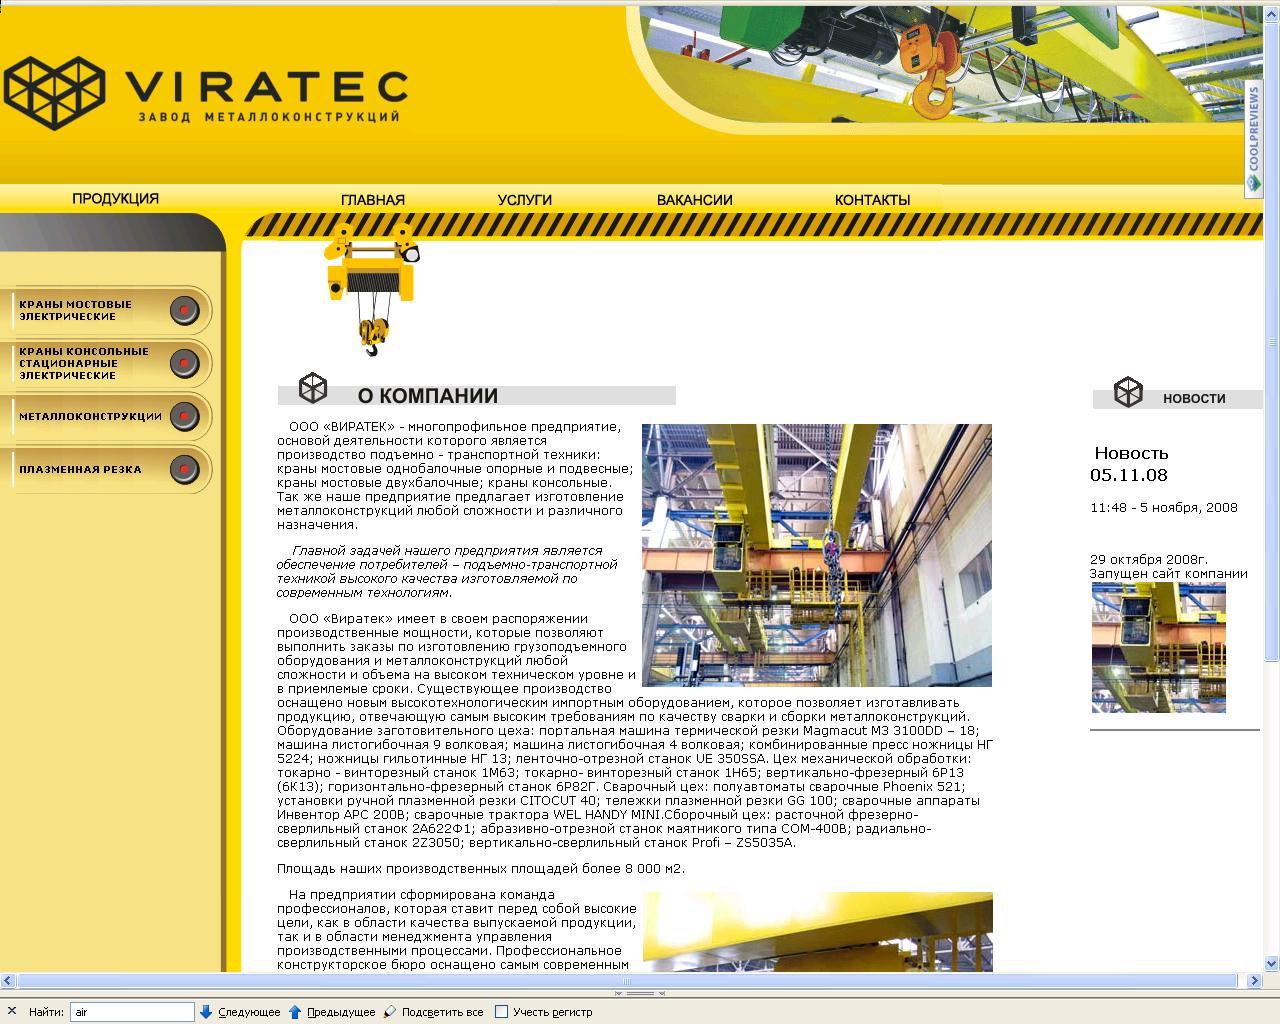 viratec.ru-